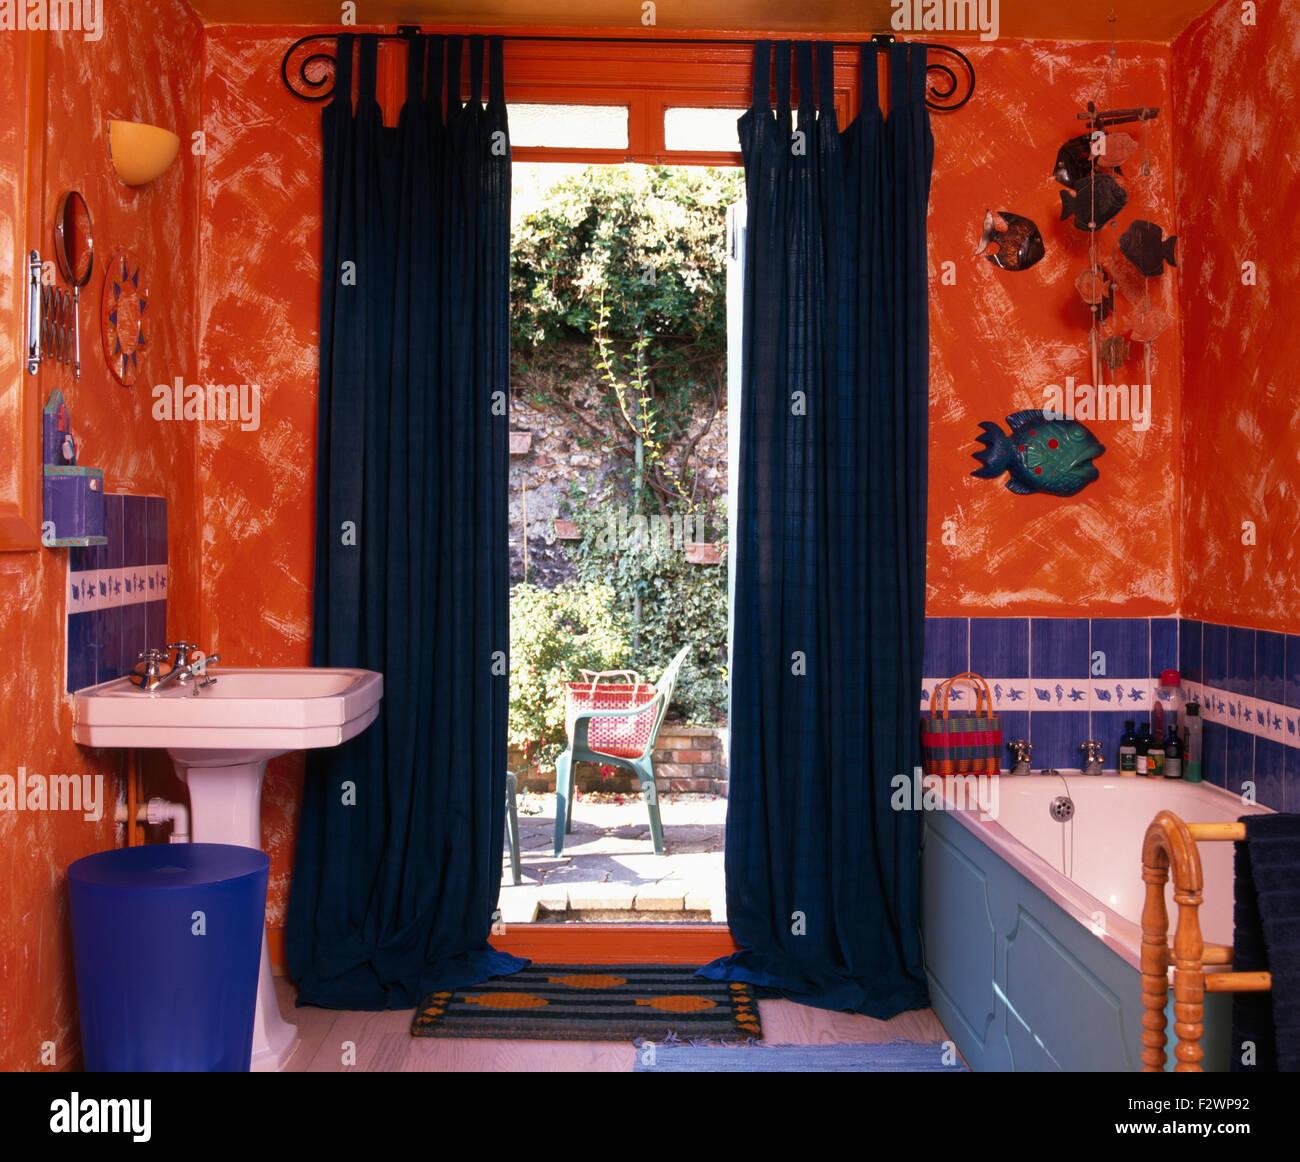 Rideaux Bleu Sur L Ouverture D Une Porte Fenetre En Orange 90 Salle